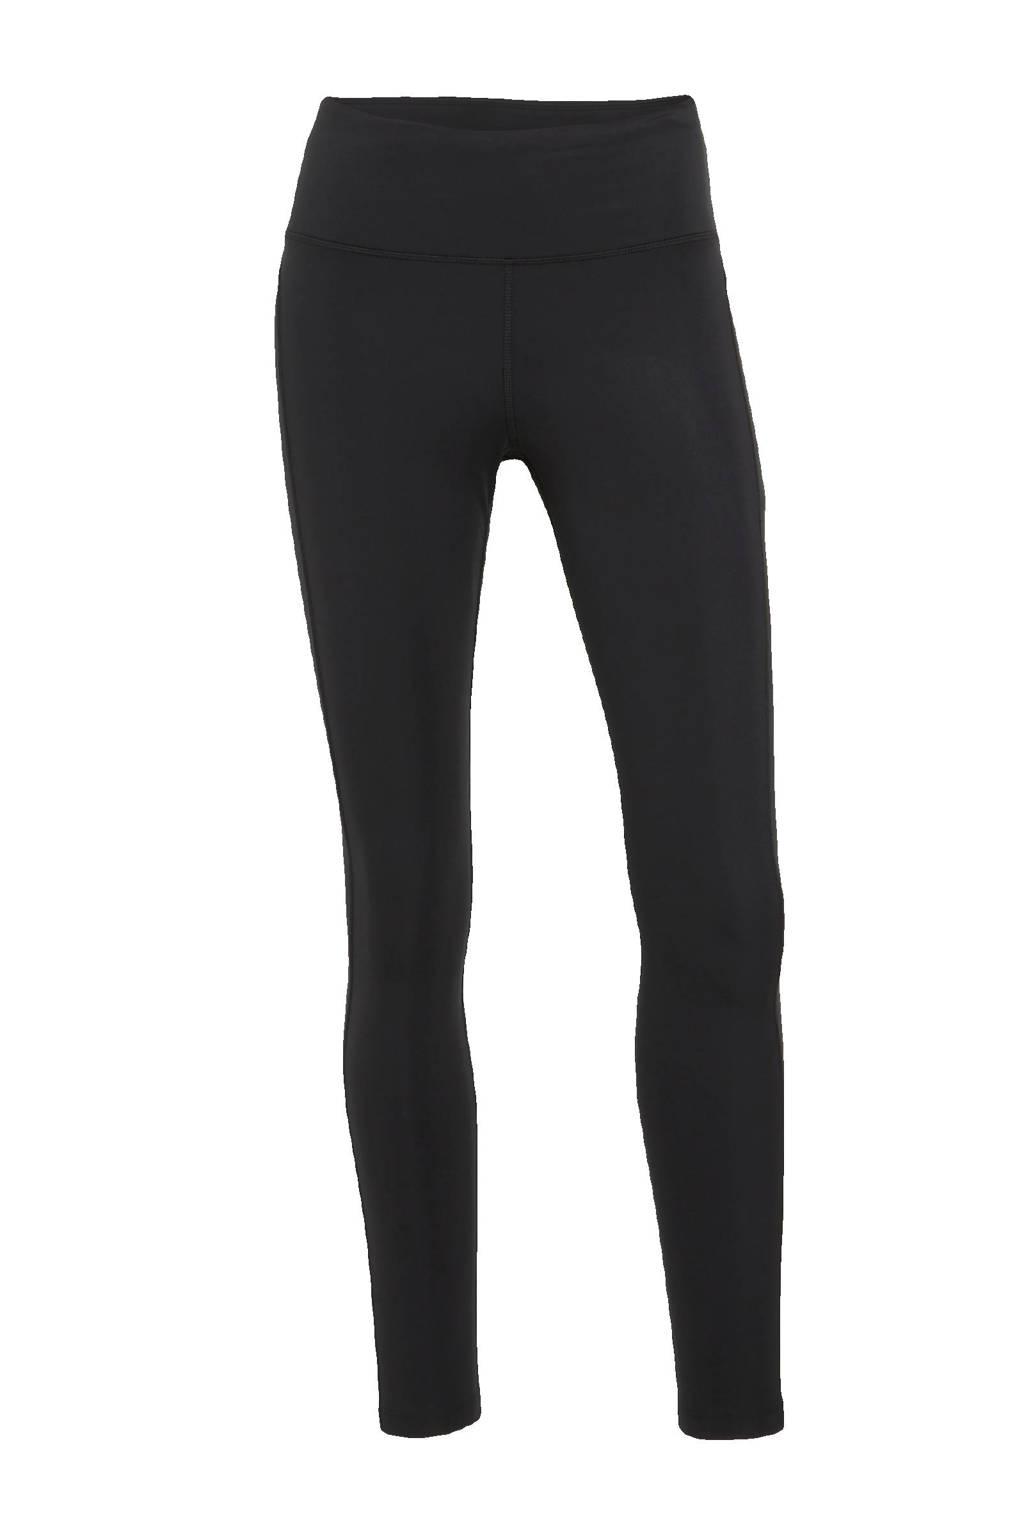 Nike hardloopbroek zwart/zilvergrijs, Zwart/zilvergrijs